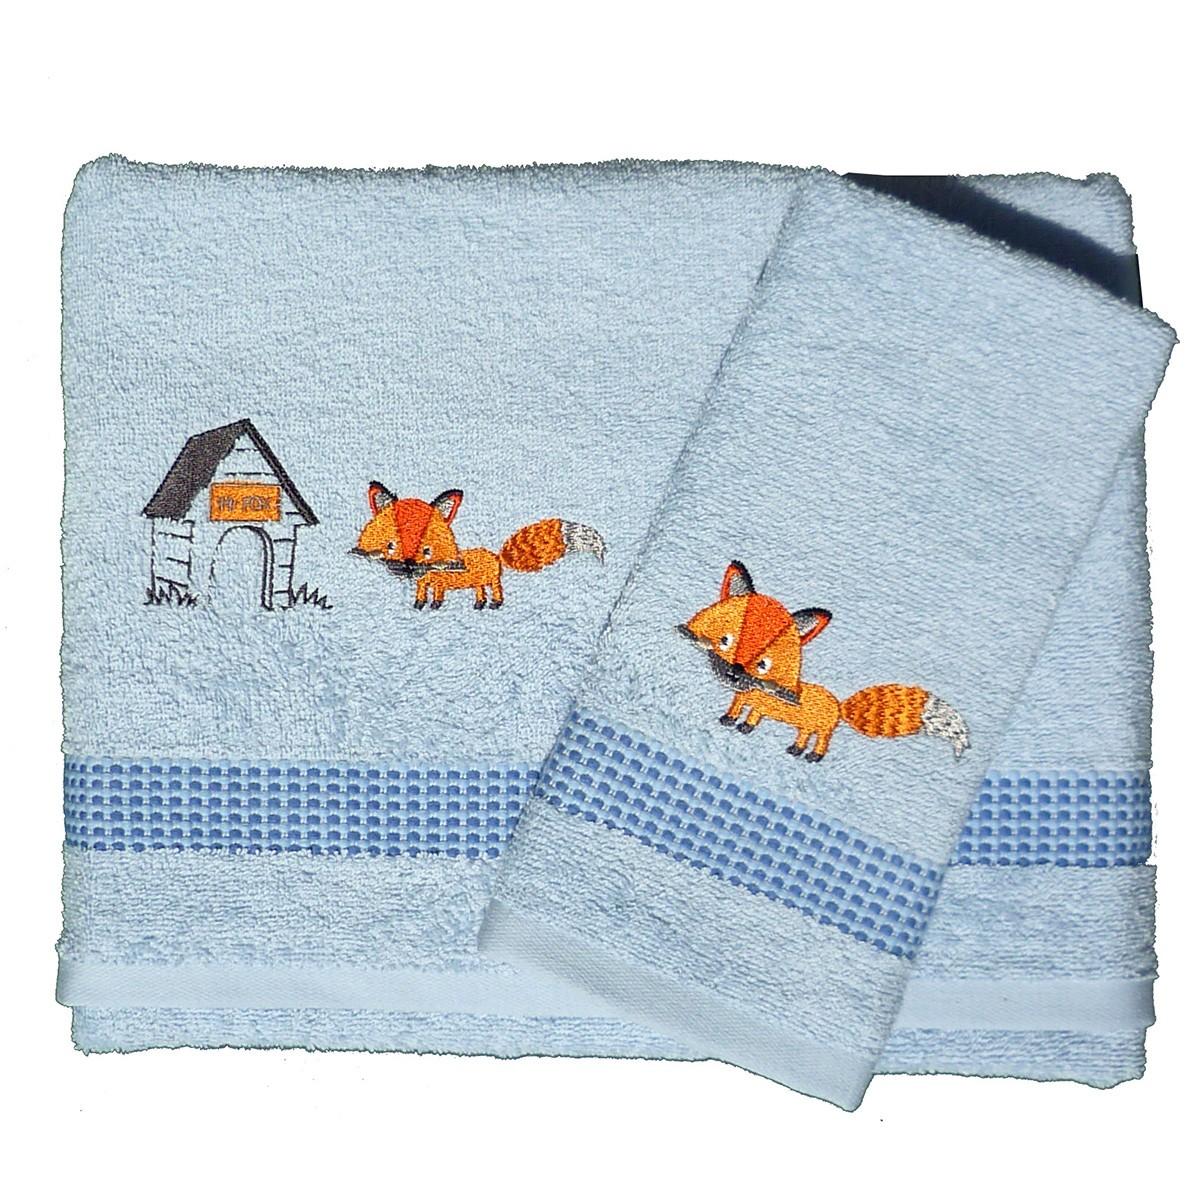 Βρεφικές Πετσέτες (Σετ 2τμχ) Morven Fox Blue 1811/05